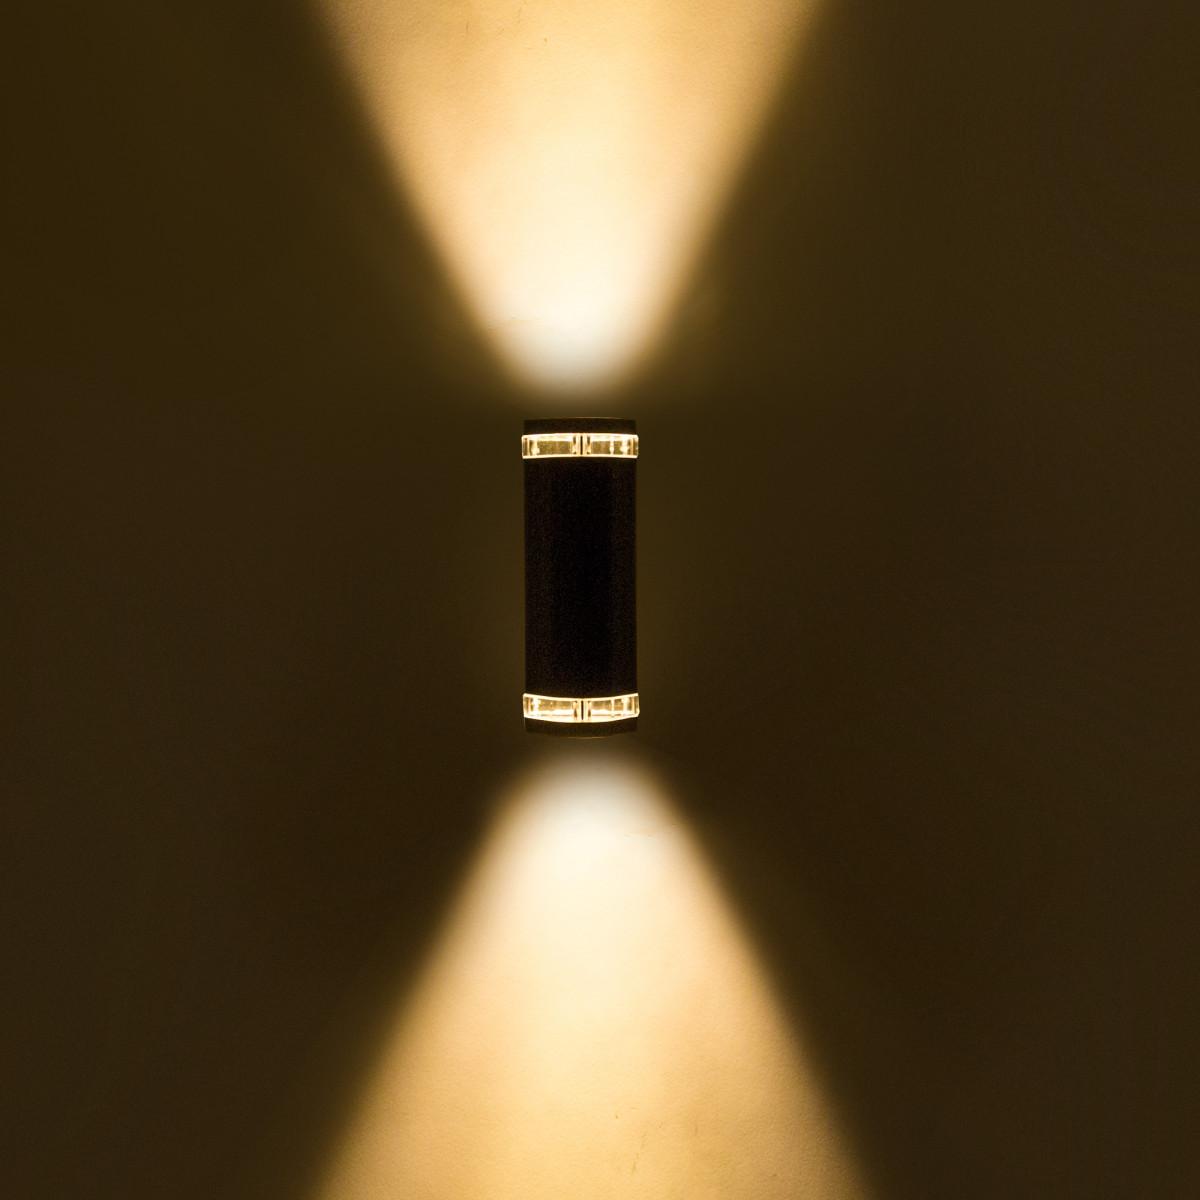 Wandspot verzinkt Up en downlighter, stijlvolle modern vormgegeven wandverlichting van KS Verlichting